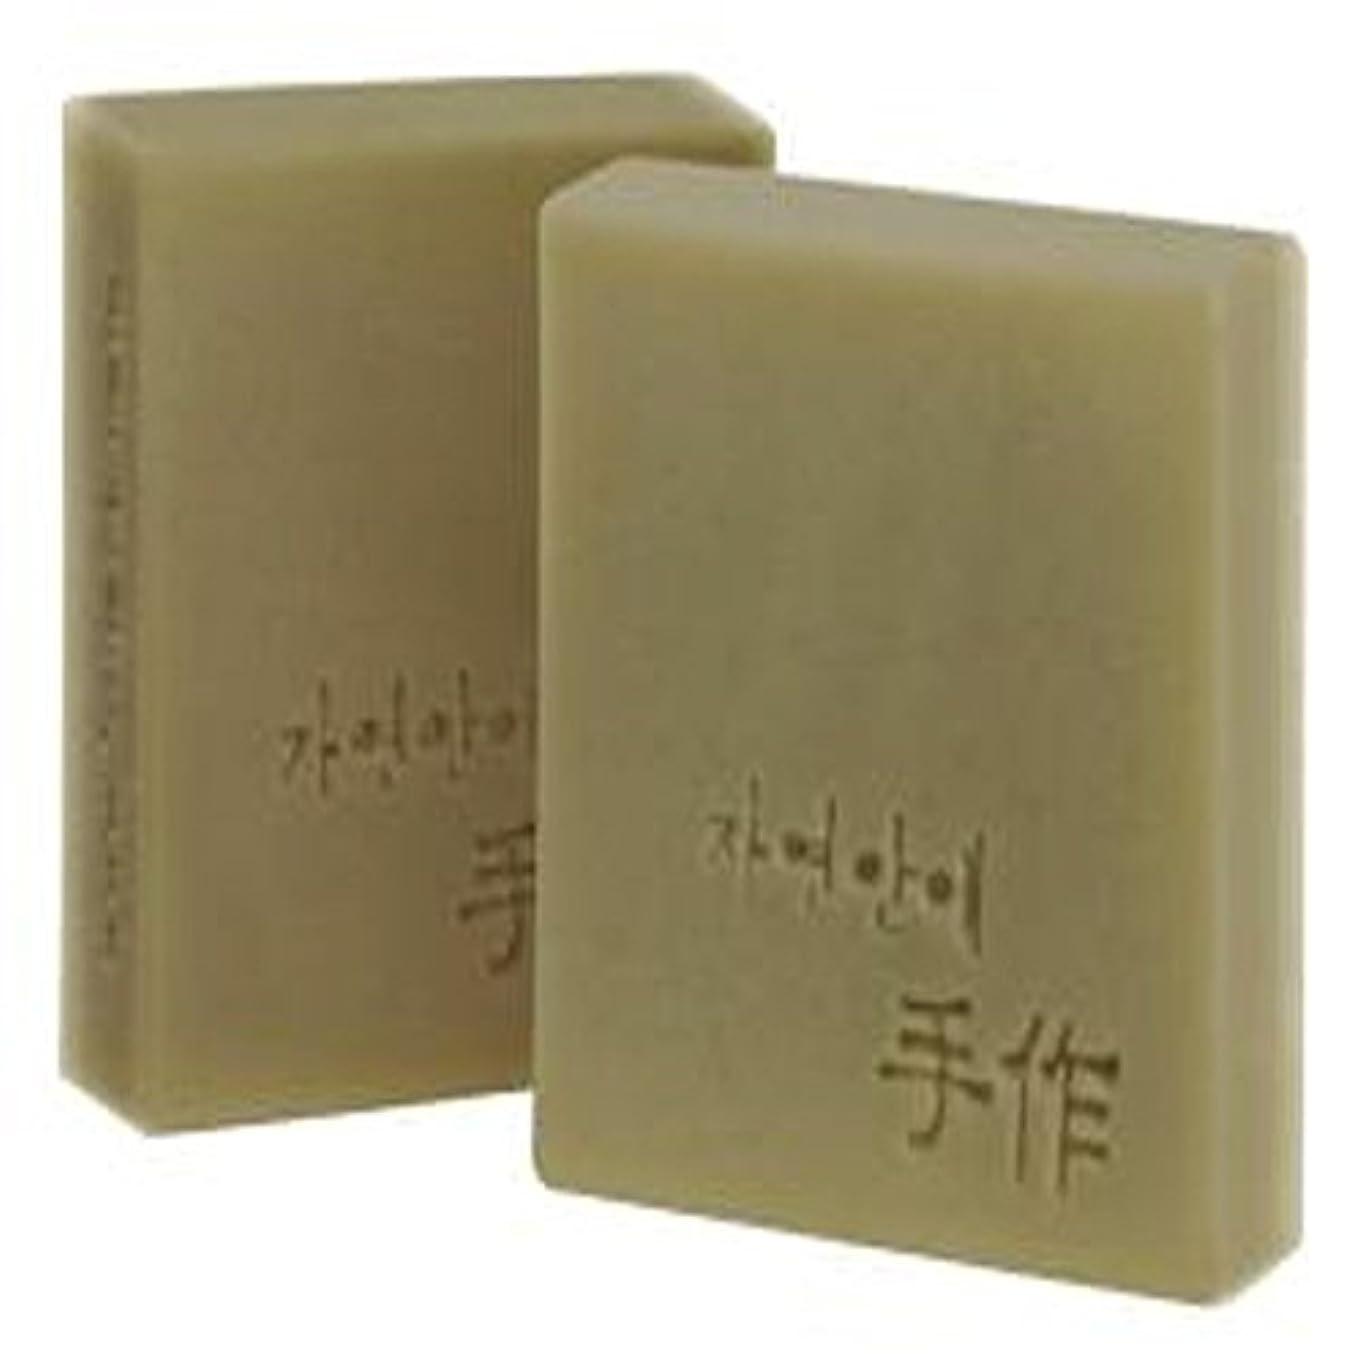 シンカン小麦粉分析するNatural organic 有機天然ソープ 固形 無添加 洗顔せっけんクレンジング 石鹸 [並行輸入品] (バナナ)